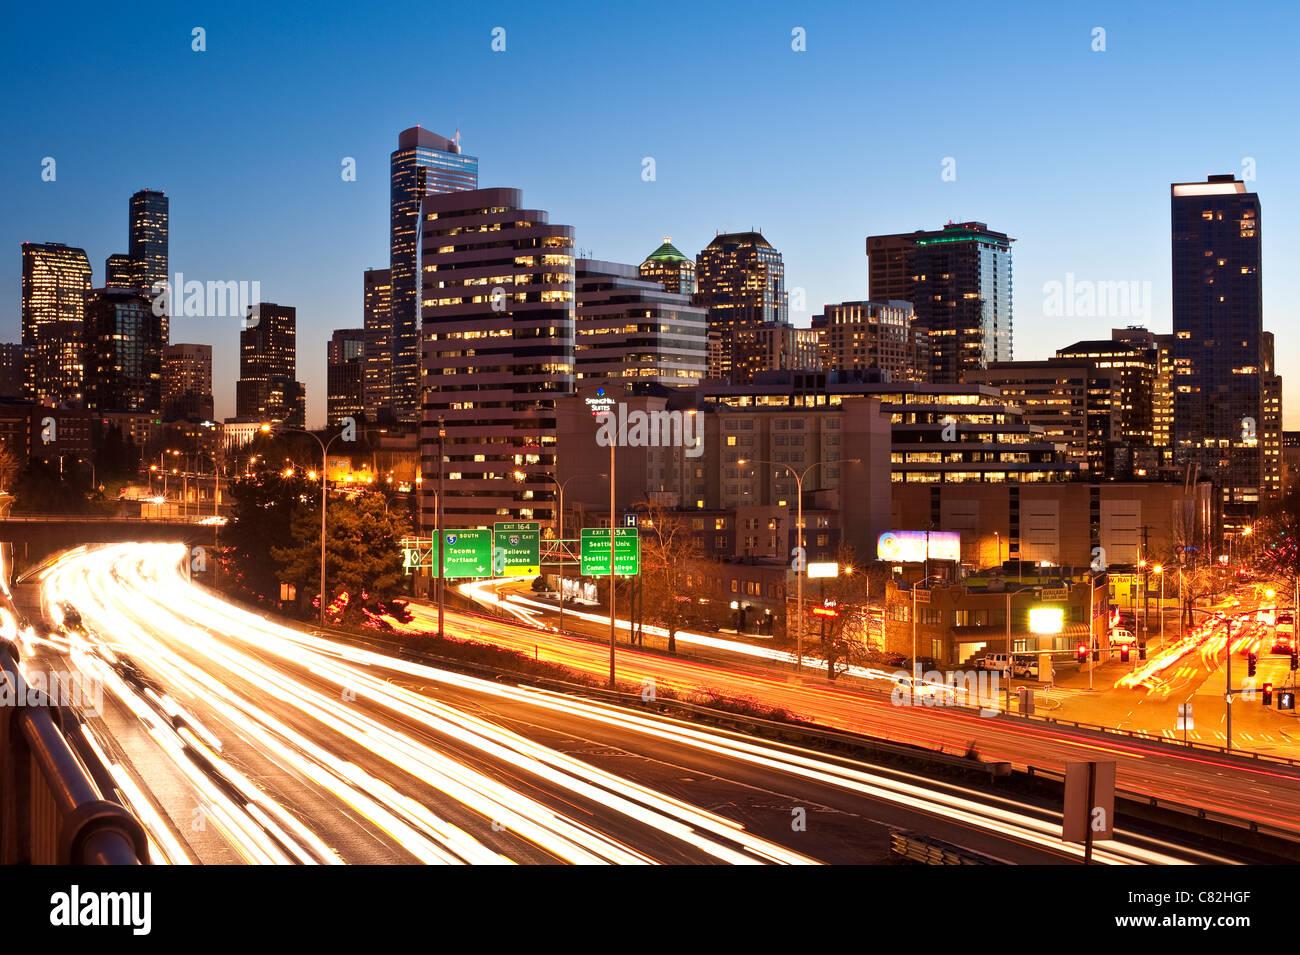 Skyline von Seattle Downtown mit i-5 Verkehr mit Auto helle Streifen Stockbild